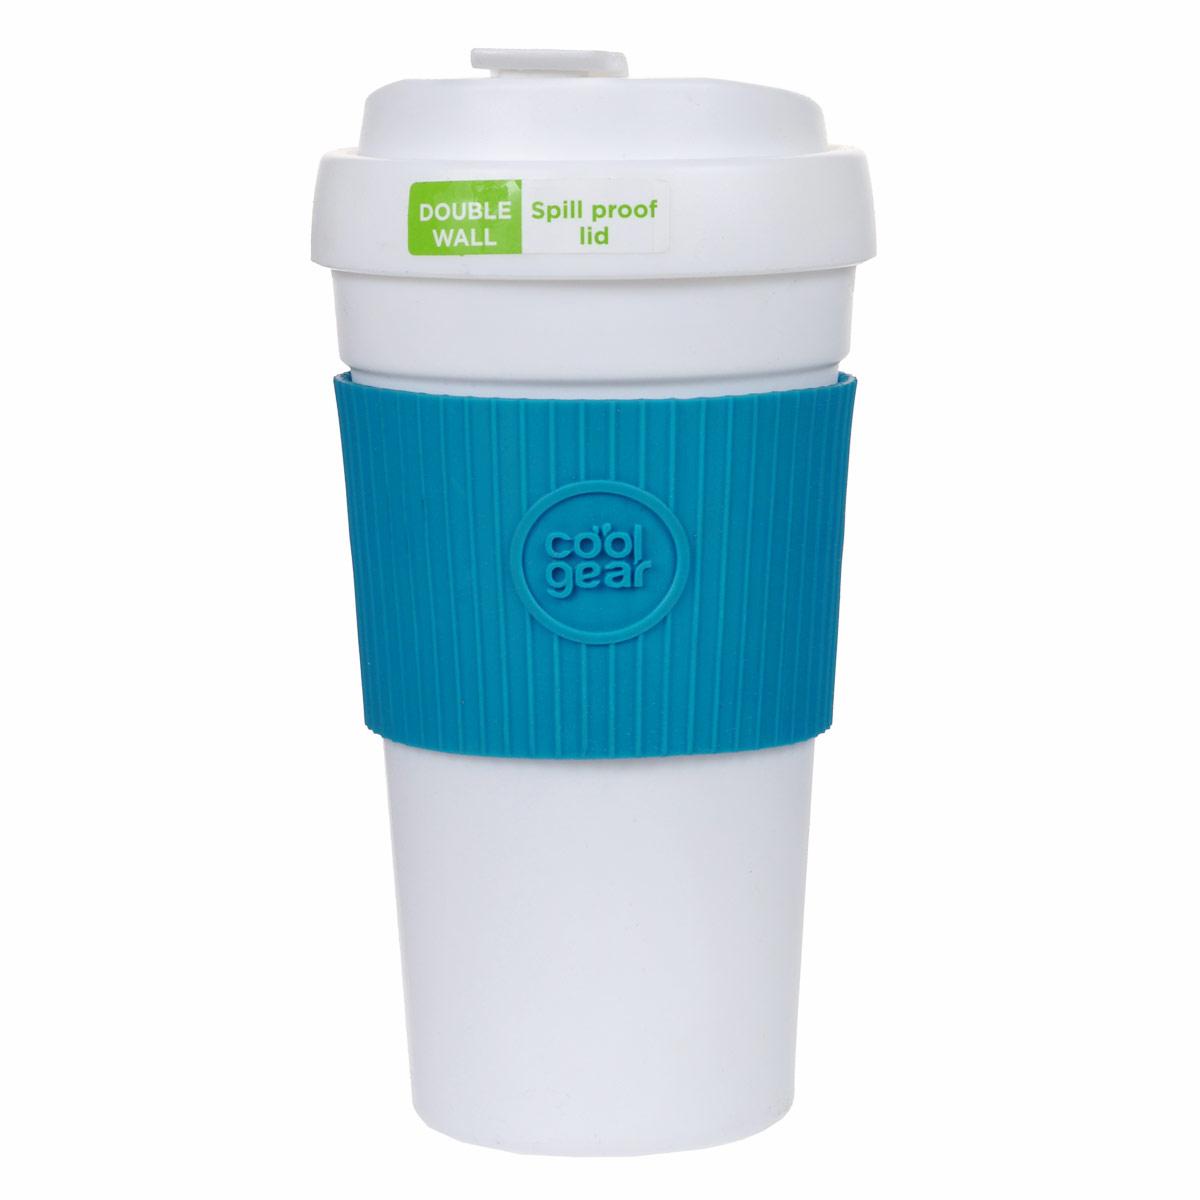 Кружка дорожная Cool Gear Eco 2 Go, для горячих напитков, цвет: голубой, 450 мл. 11321132Дорожная кружка Cool Gear Eco 2 Go изготовлена из высококачественного BPA-free пластика, не содержащего токсичных веществ. Двойные стенки дольше сохраняют напиток горячим и не обжигают руки. Надежная закручивающаяся крышка с защитой от проливания обеспечит дополнительную безопасность. Крышка оснащена клапаном для питья. Оптимальный объем позволит взять с собой большую порцию горячего кофе или чая. Антискользящий ободок предотвращает выскальзывание кружки из рук. Кружка идеальна для ежедневного использования. Она станет вашим обязательным спутником в длительных поездках или занятиях зимними видами спорта. Не рекомендуется использовать в микроволновой печи и мыть в посудомоечной машине. Cool Gear - мировой лидер в сфере производства товаров для питья, продукция которого пользуется огромной популярностью по всему миру! Ассортимент компании включает более 120 видов бутылок для питья и дорожных кружек. Выбирайте для себя лучшее с Cool...